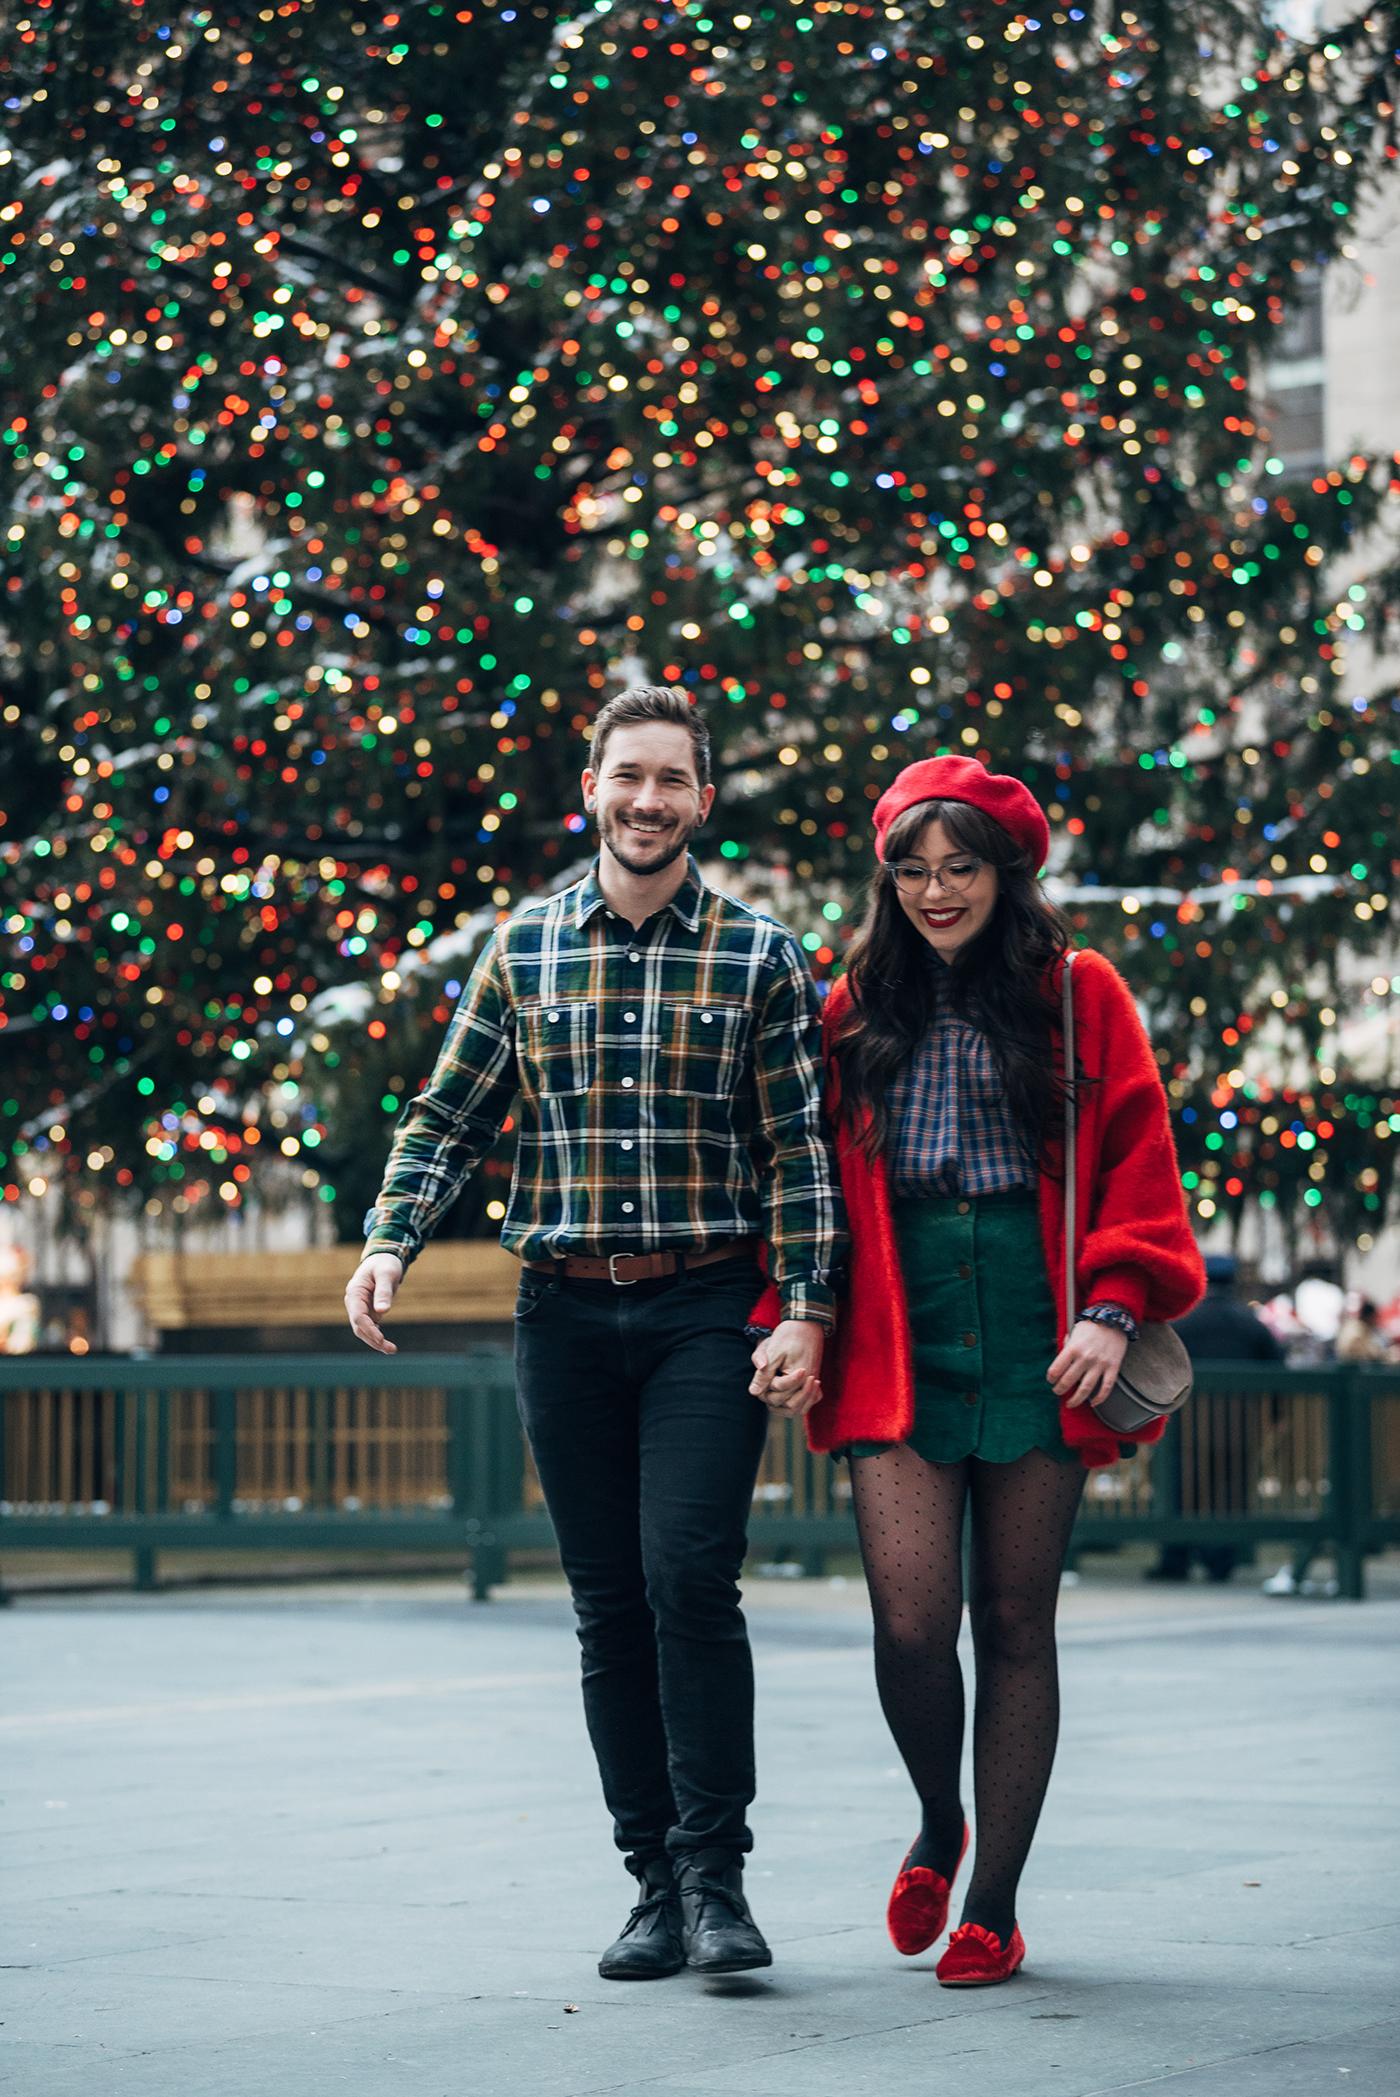 keiko and bobby christmas